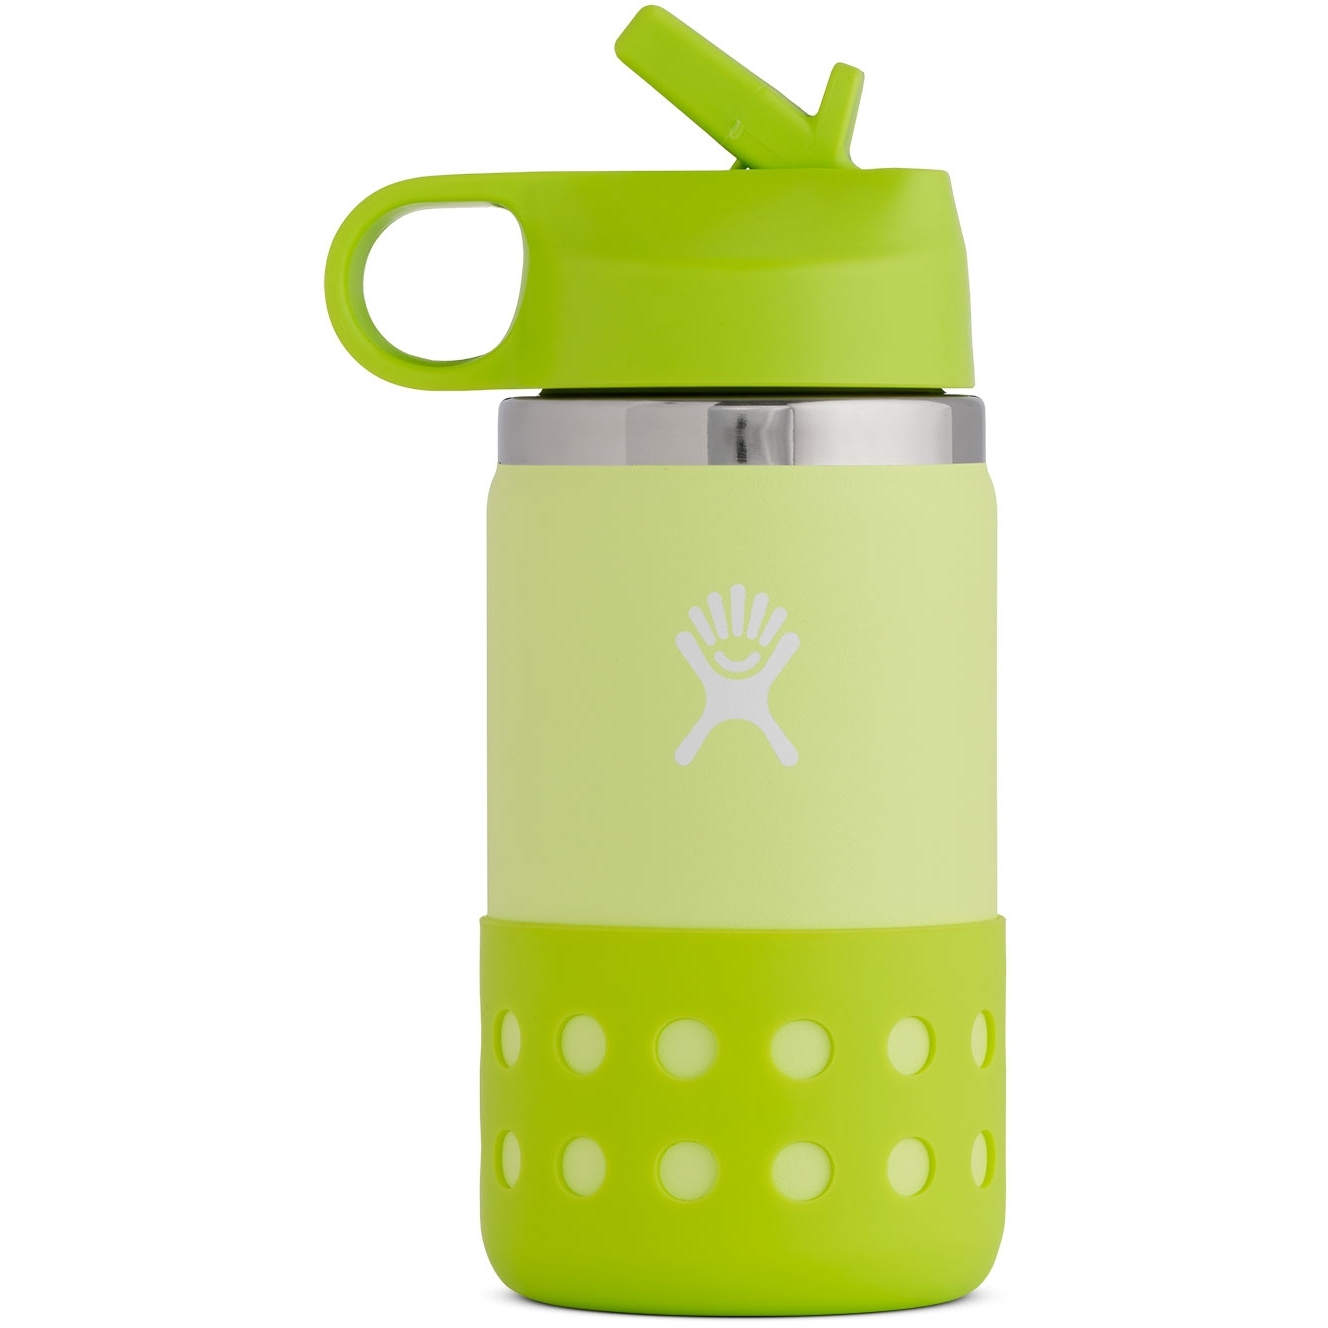 Produktbild von Hydro Flask 12 Oz Kids Wide Mouth Straw Lid & Boot Thermoflasche - 355 ml - Honeydew